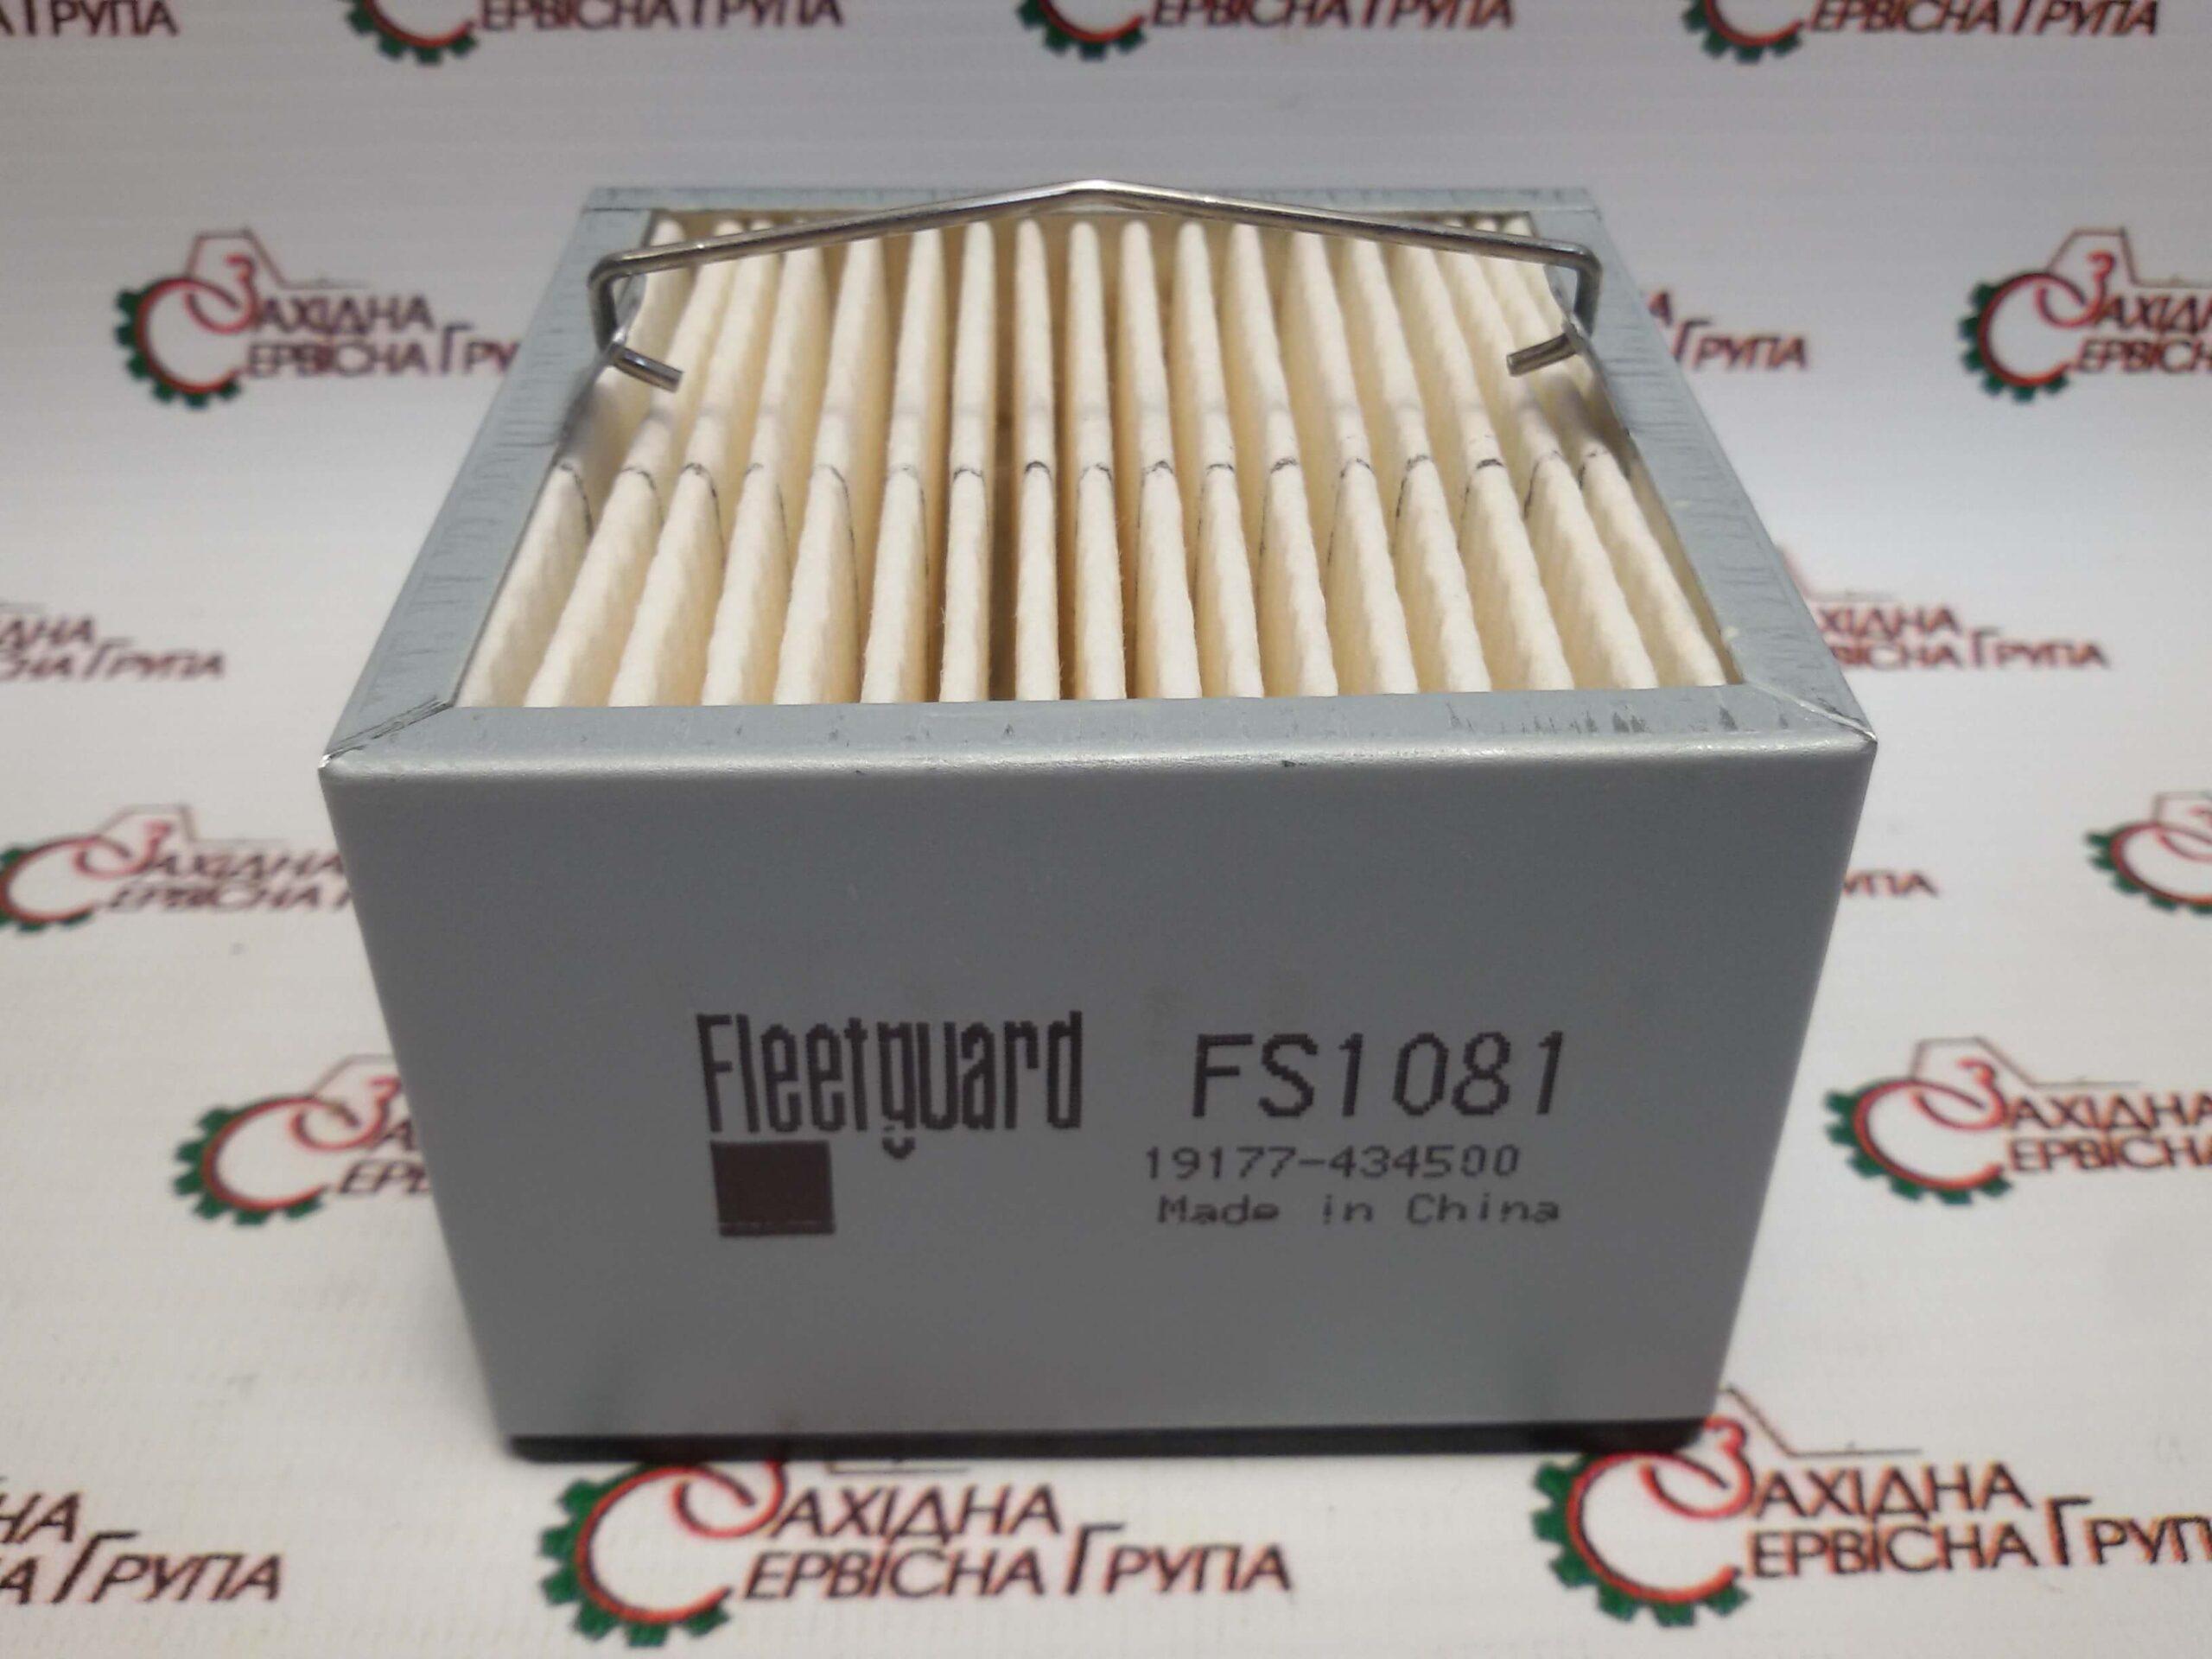 Фільтр паливний (картридж сепаратора) для SEPAR 2000/5 Fleetguard FS1081.